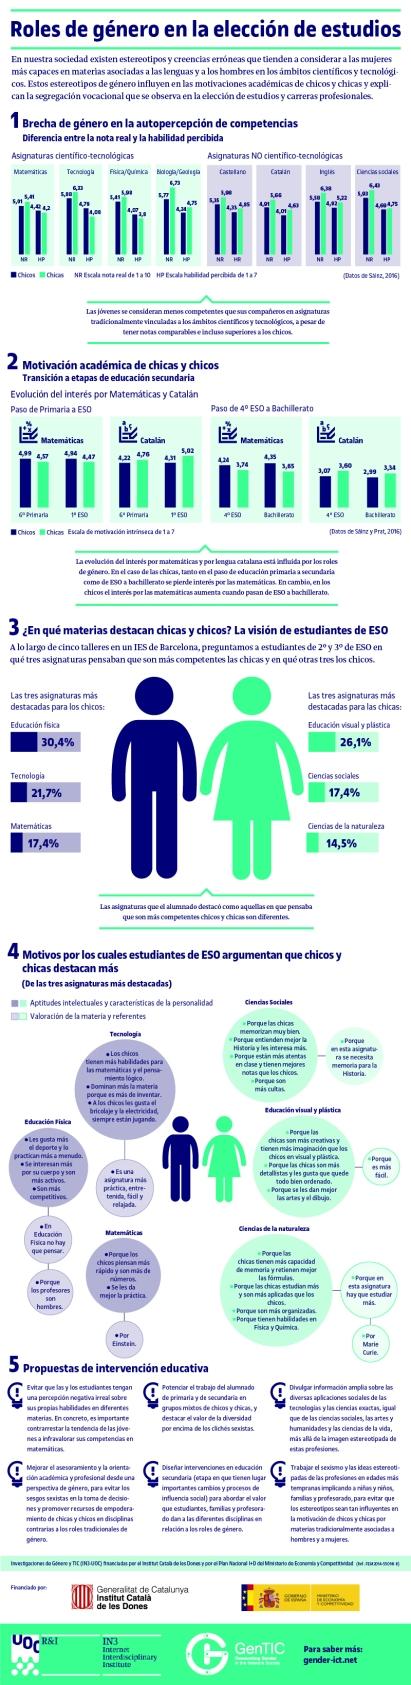 Infografia-web-CAS-OK